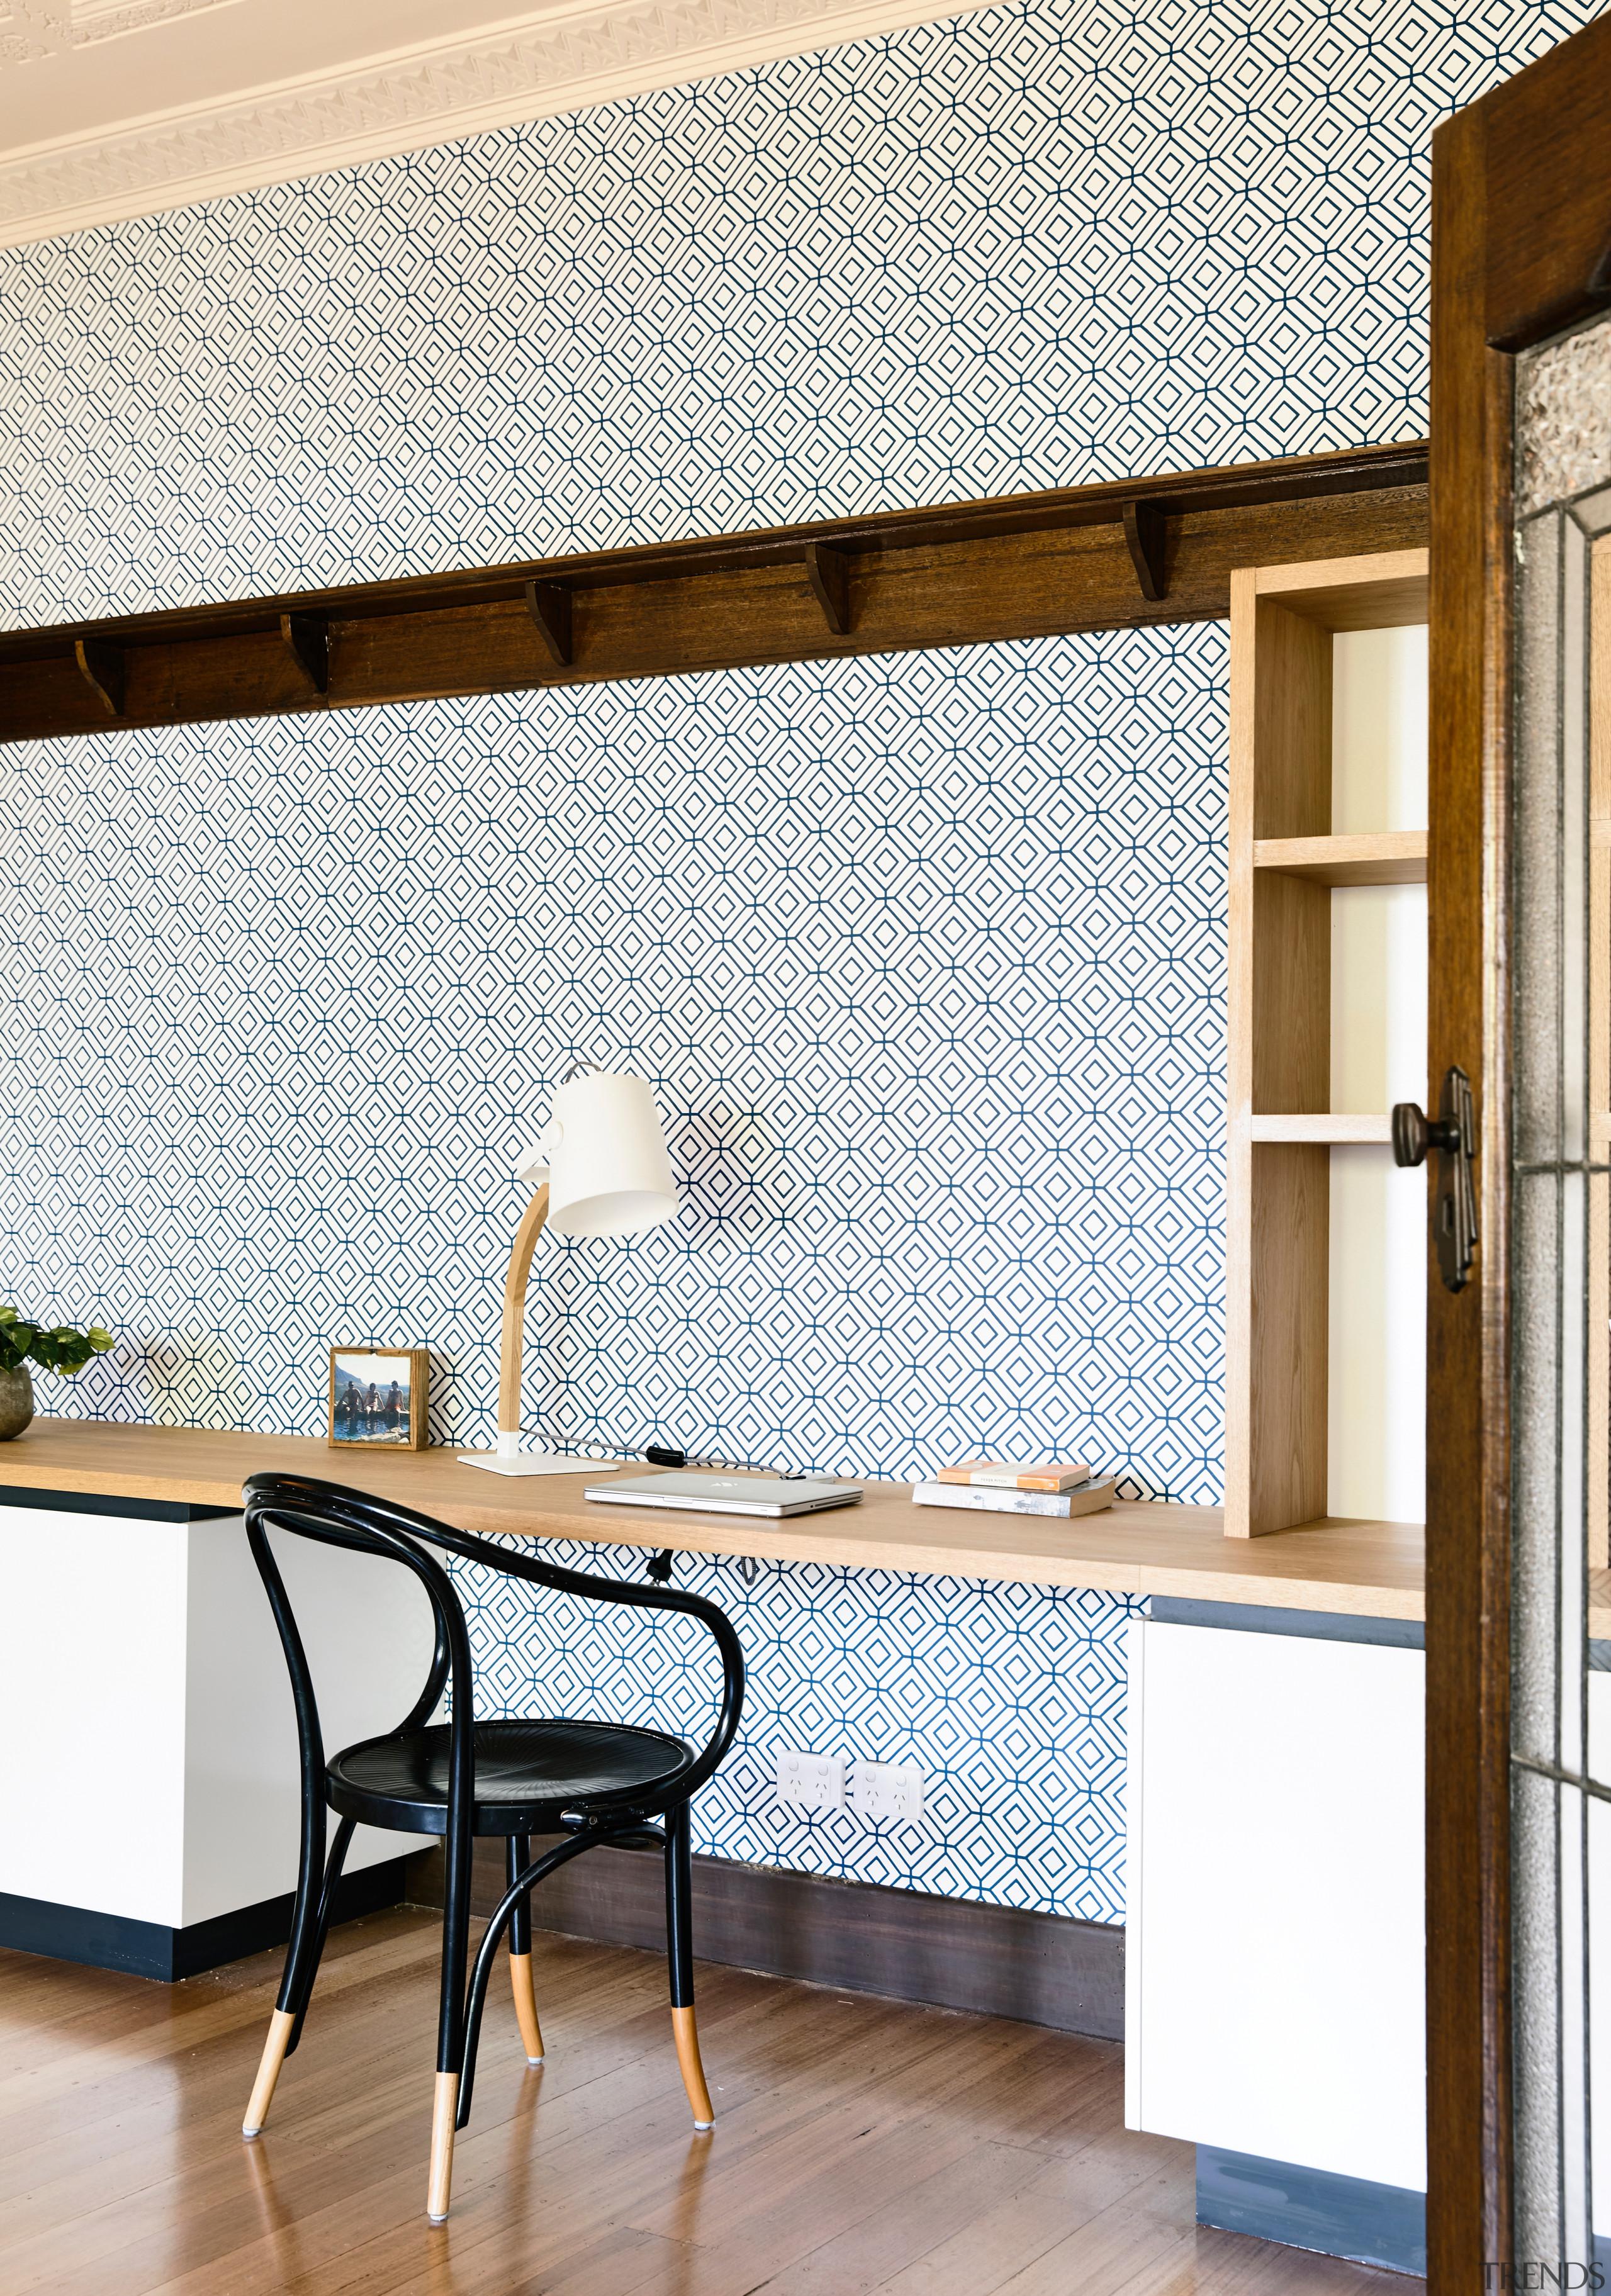 Nz3405Porter–280877931 20 - architecture | floor | flooring architecture, floor, flooring, furniture, home, interior design, shelf, shelving, table, tile, wall, wood, white